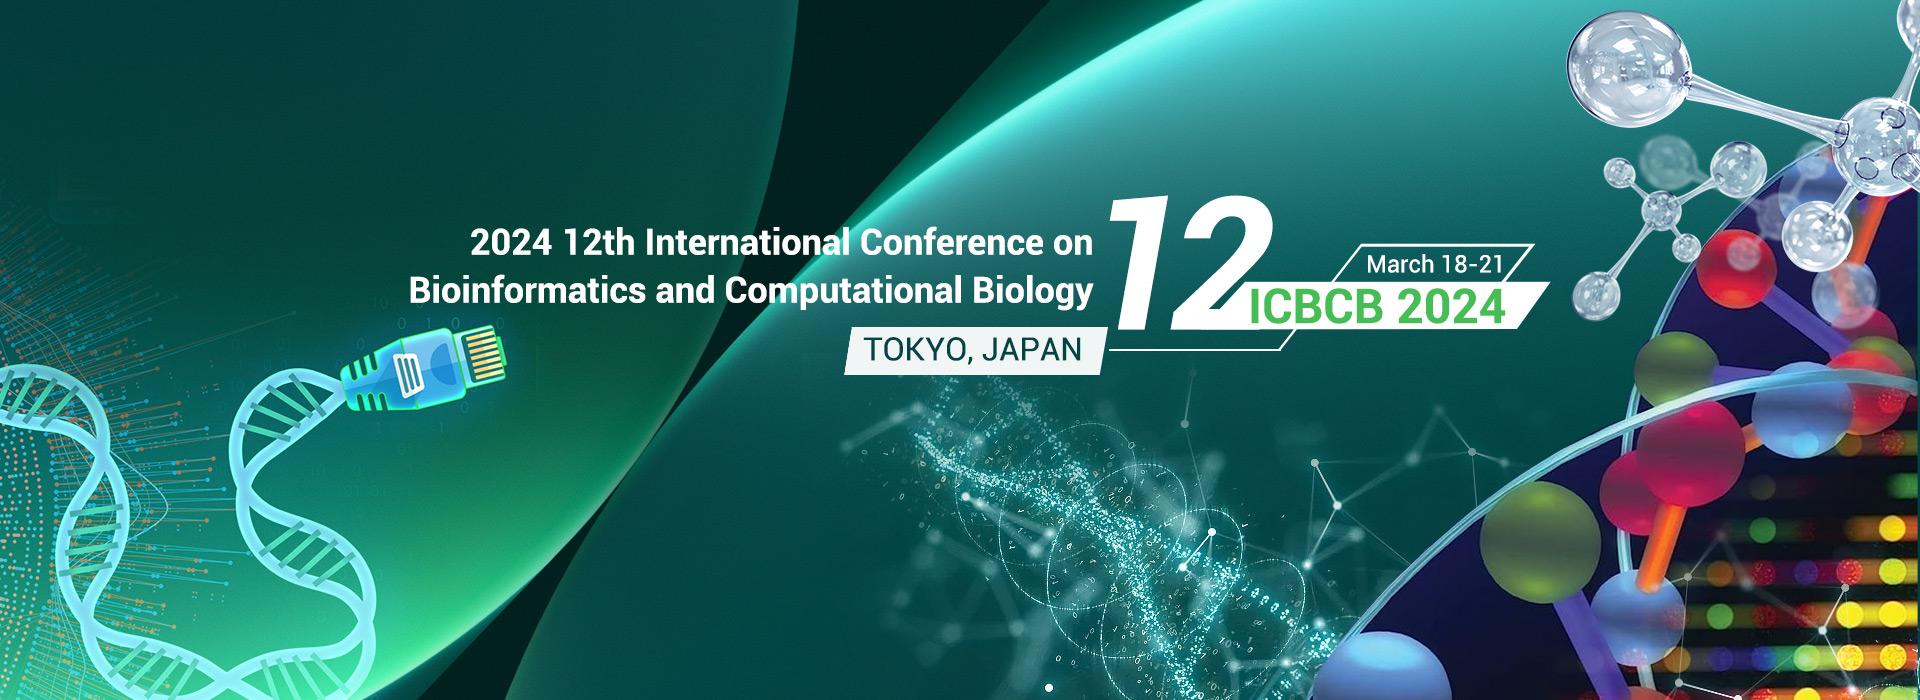 IEEE丨ICBCB2020